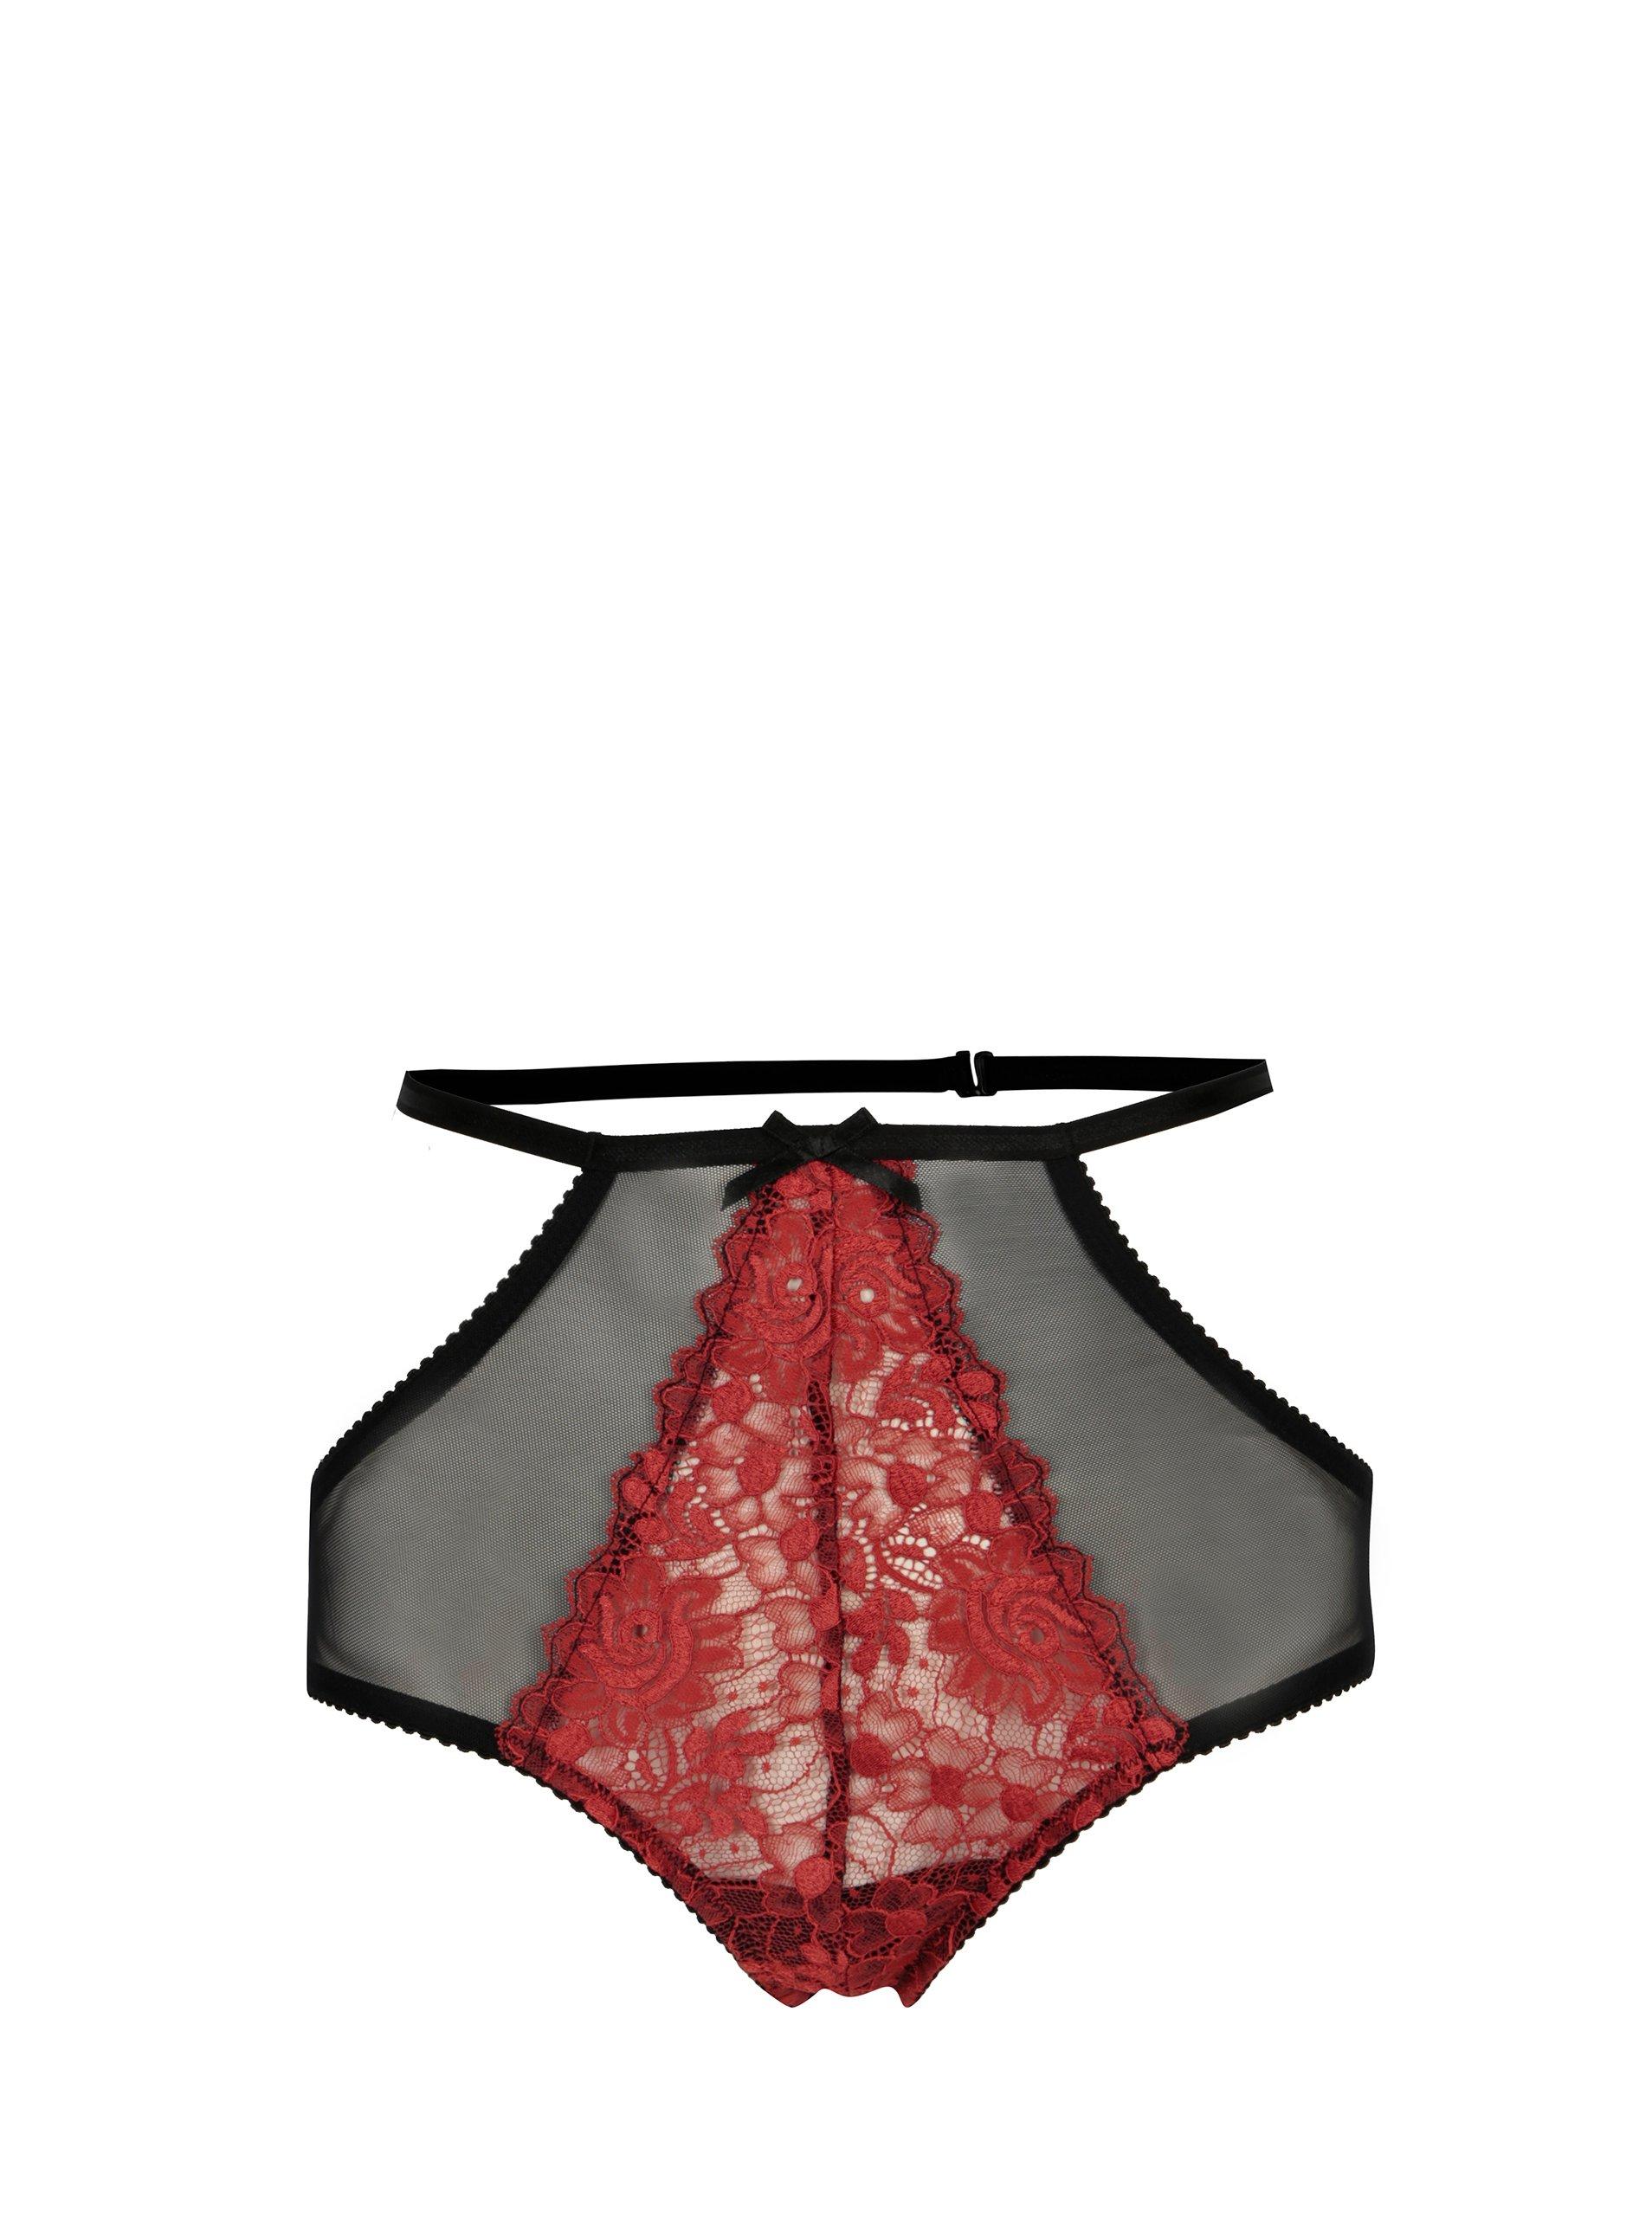 Černo-červené krajkové kalhotky s vysokým pasem Eden Lingerie